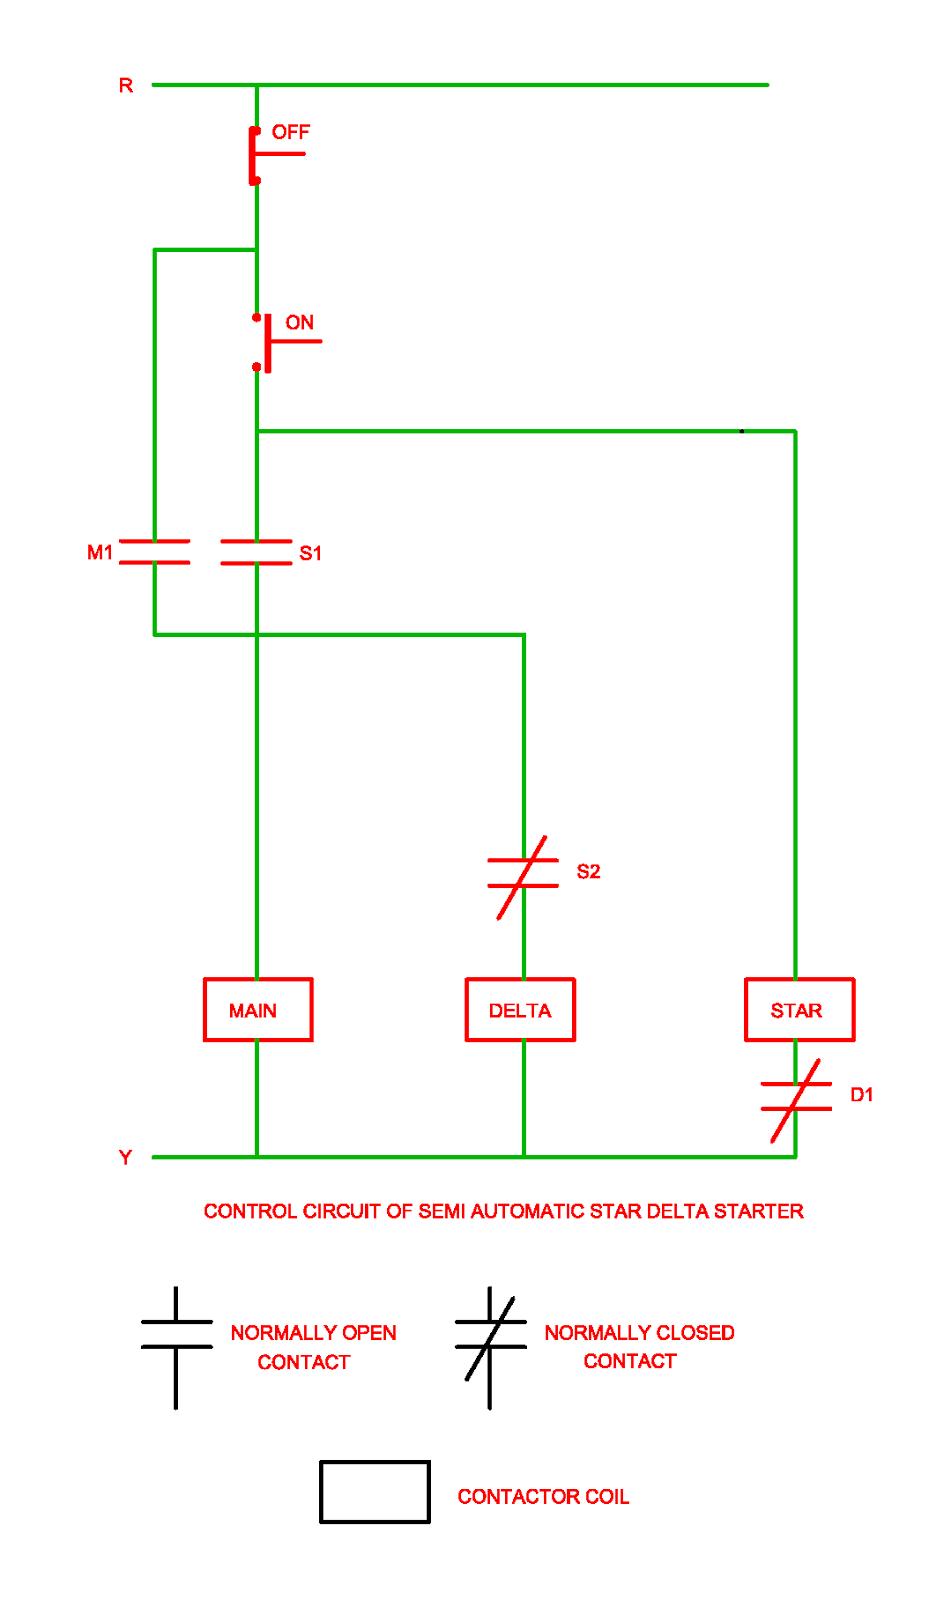 Control Circuit of Semi Automatic Star Delta Starter